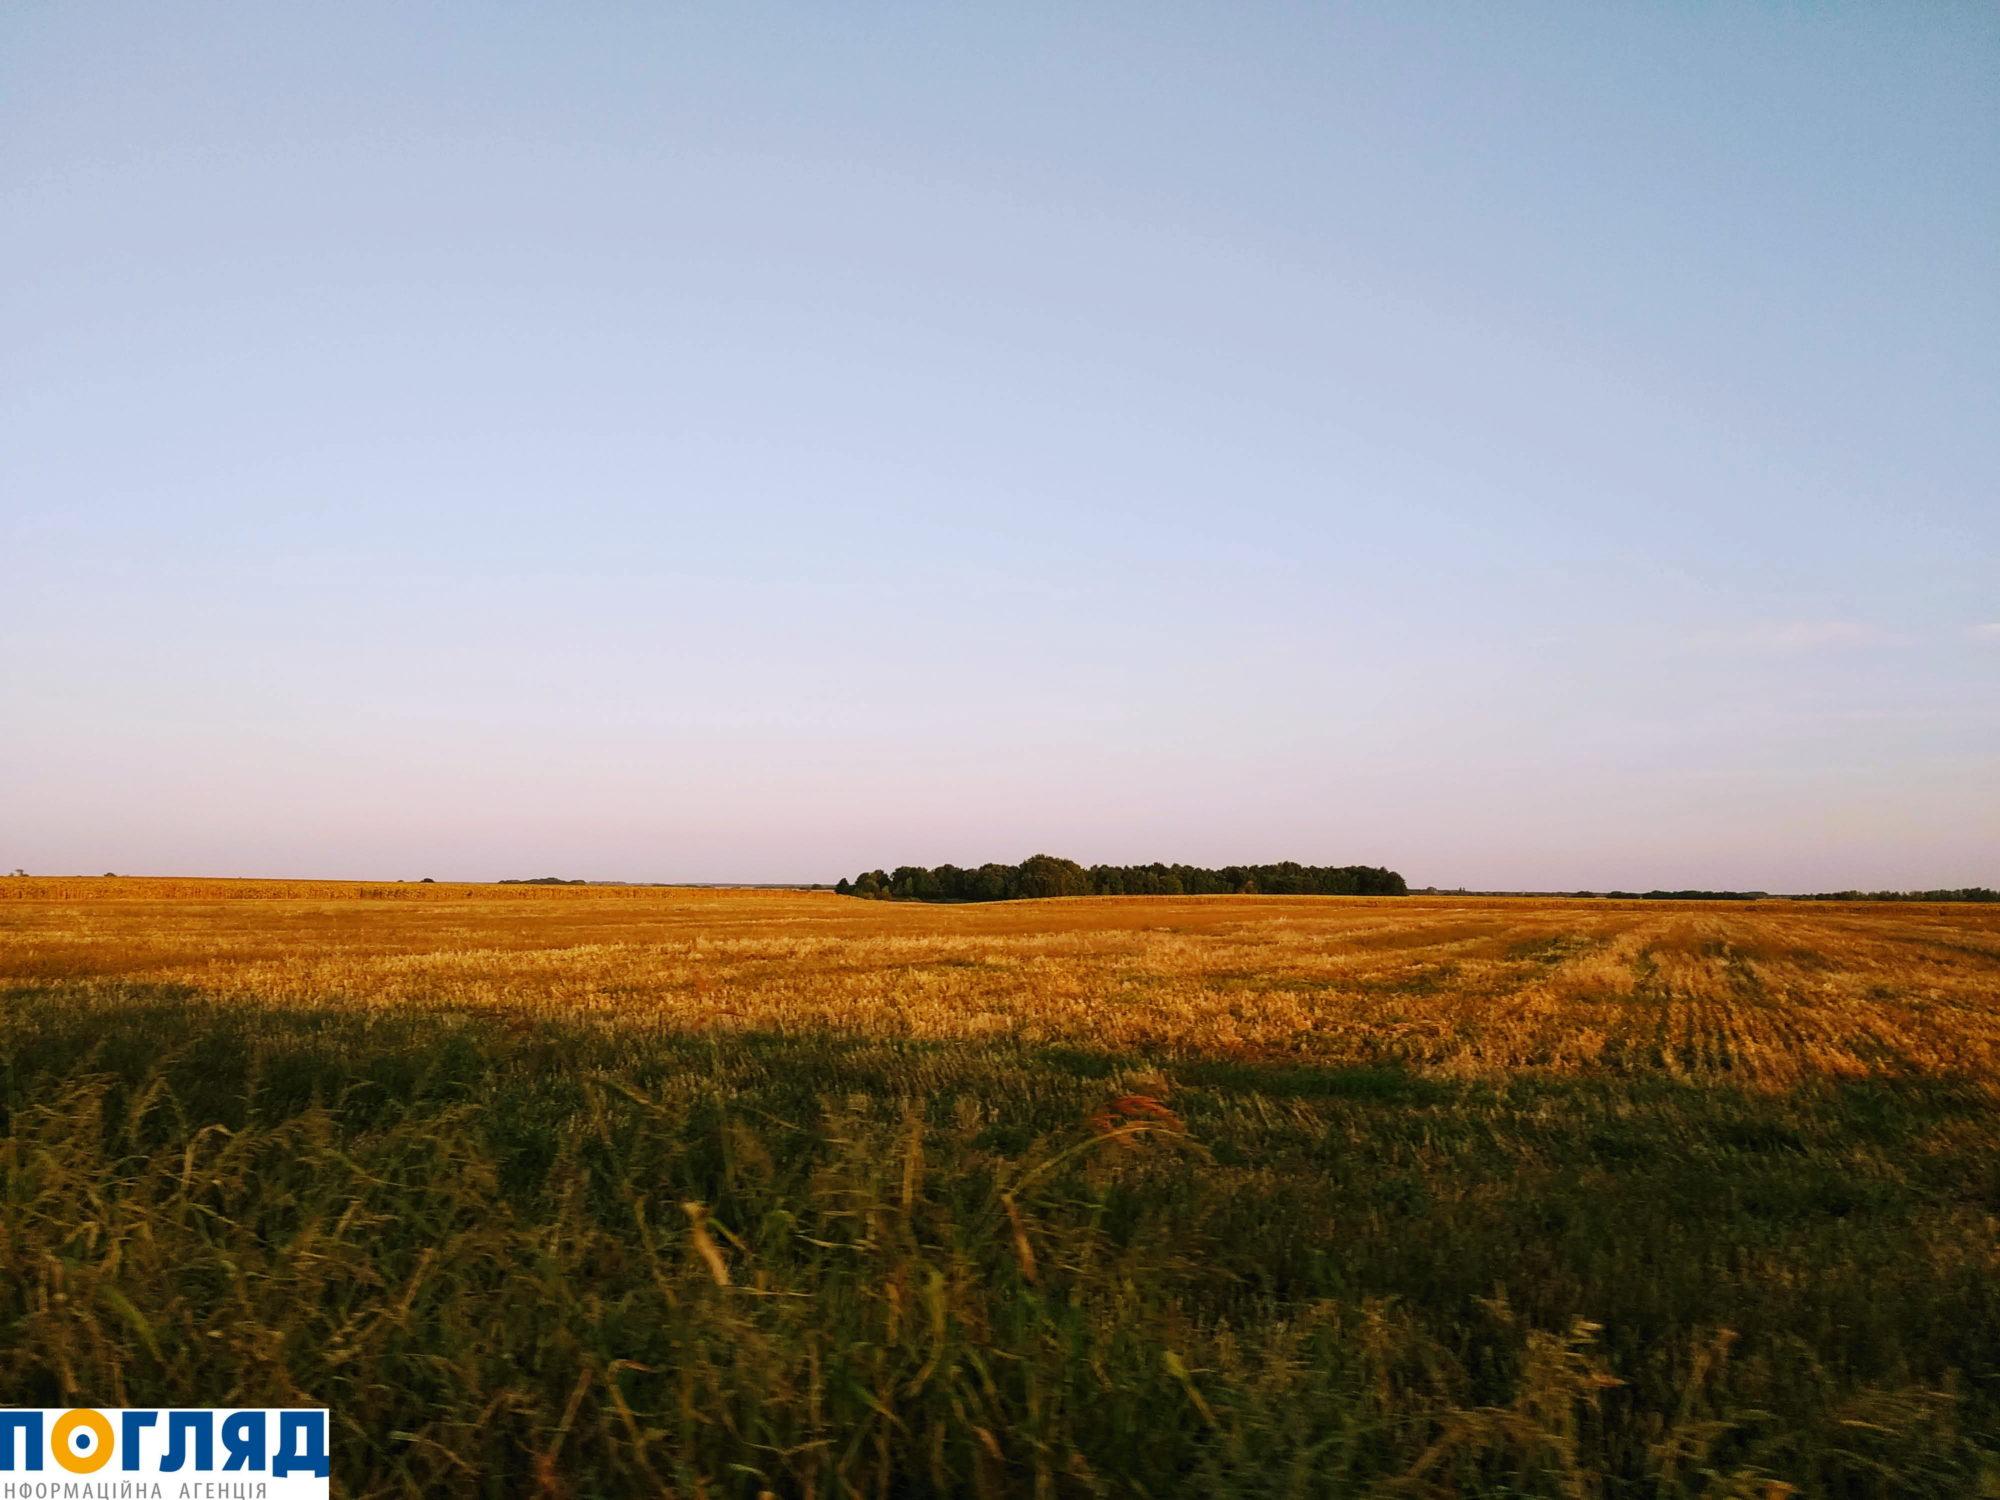 IMG_20190825_193220-2000x1500 «Земельна» статистика українців та їх ставлення до ринку землі